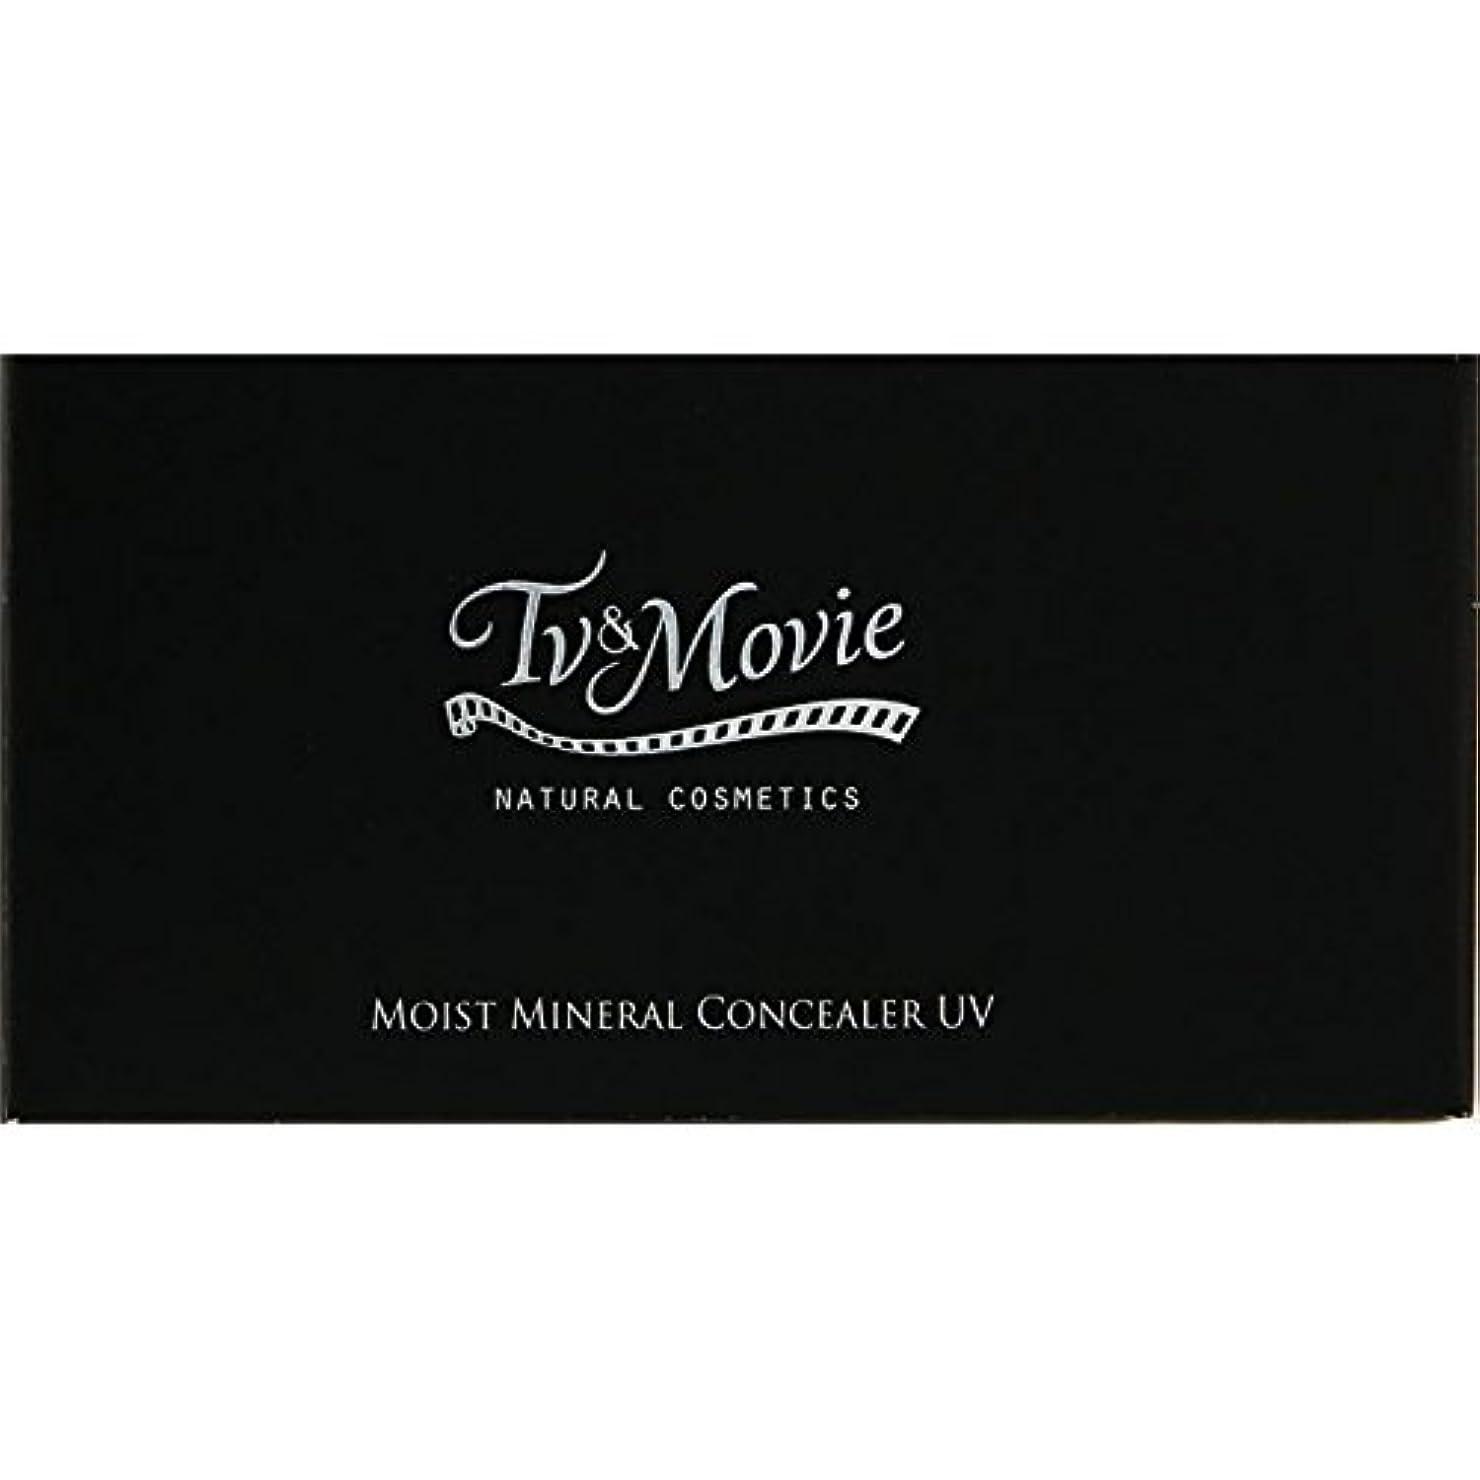 ブラウンファブリックご注意(株)T&M TV&MOVIE モイストミネラルコンシーラUV 3色セット 各1G